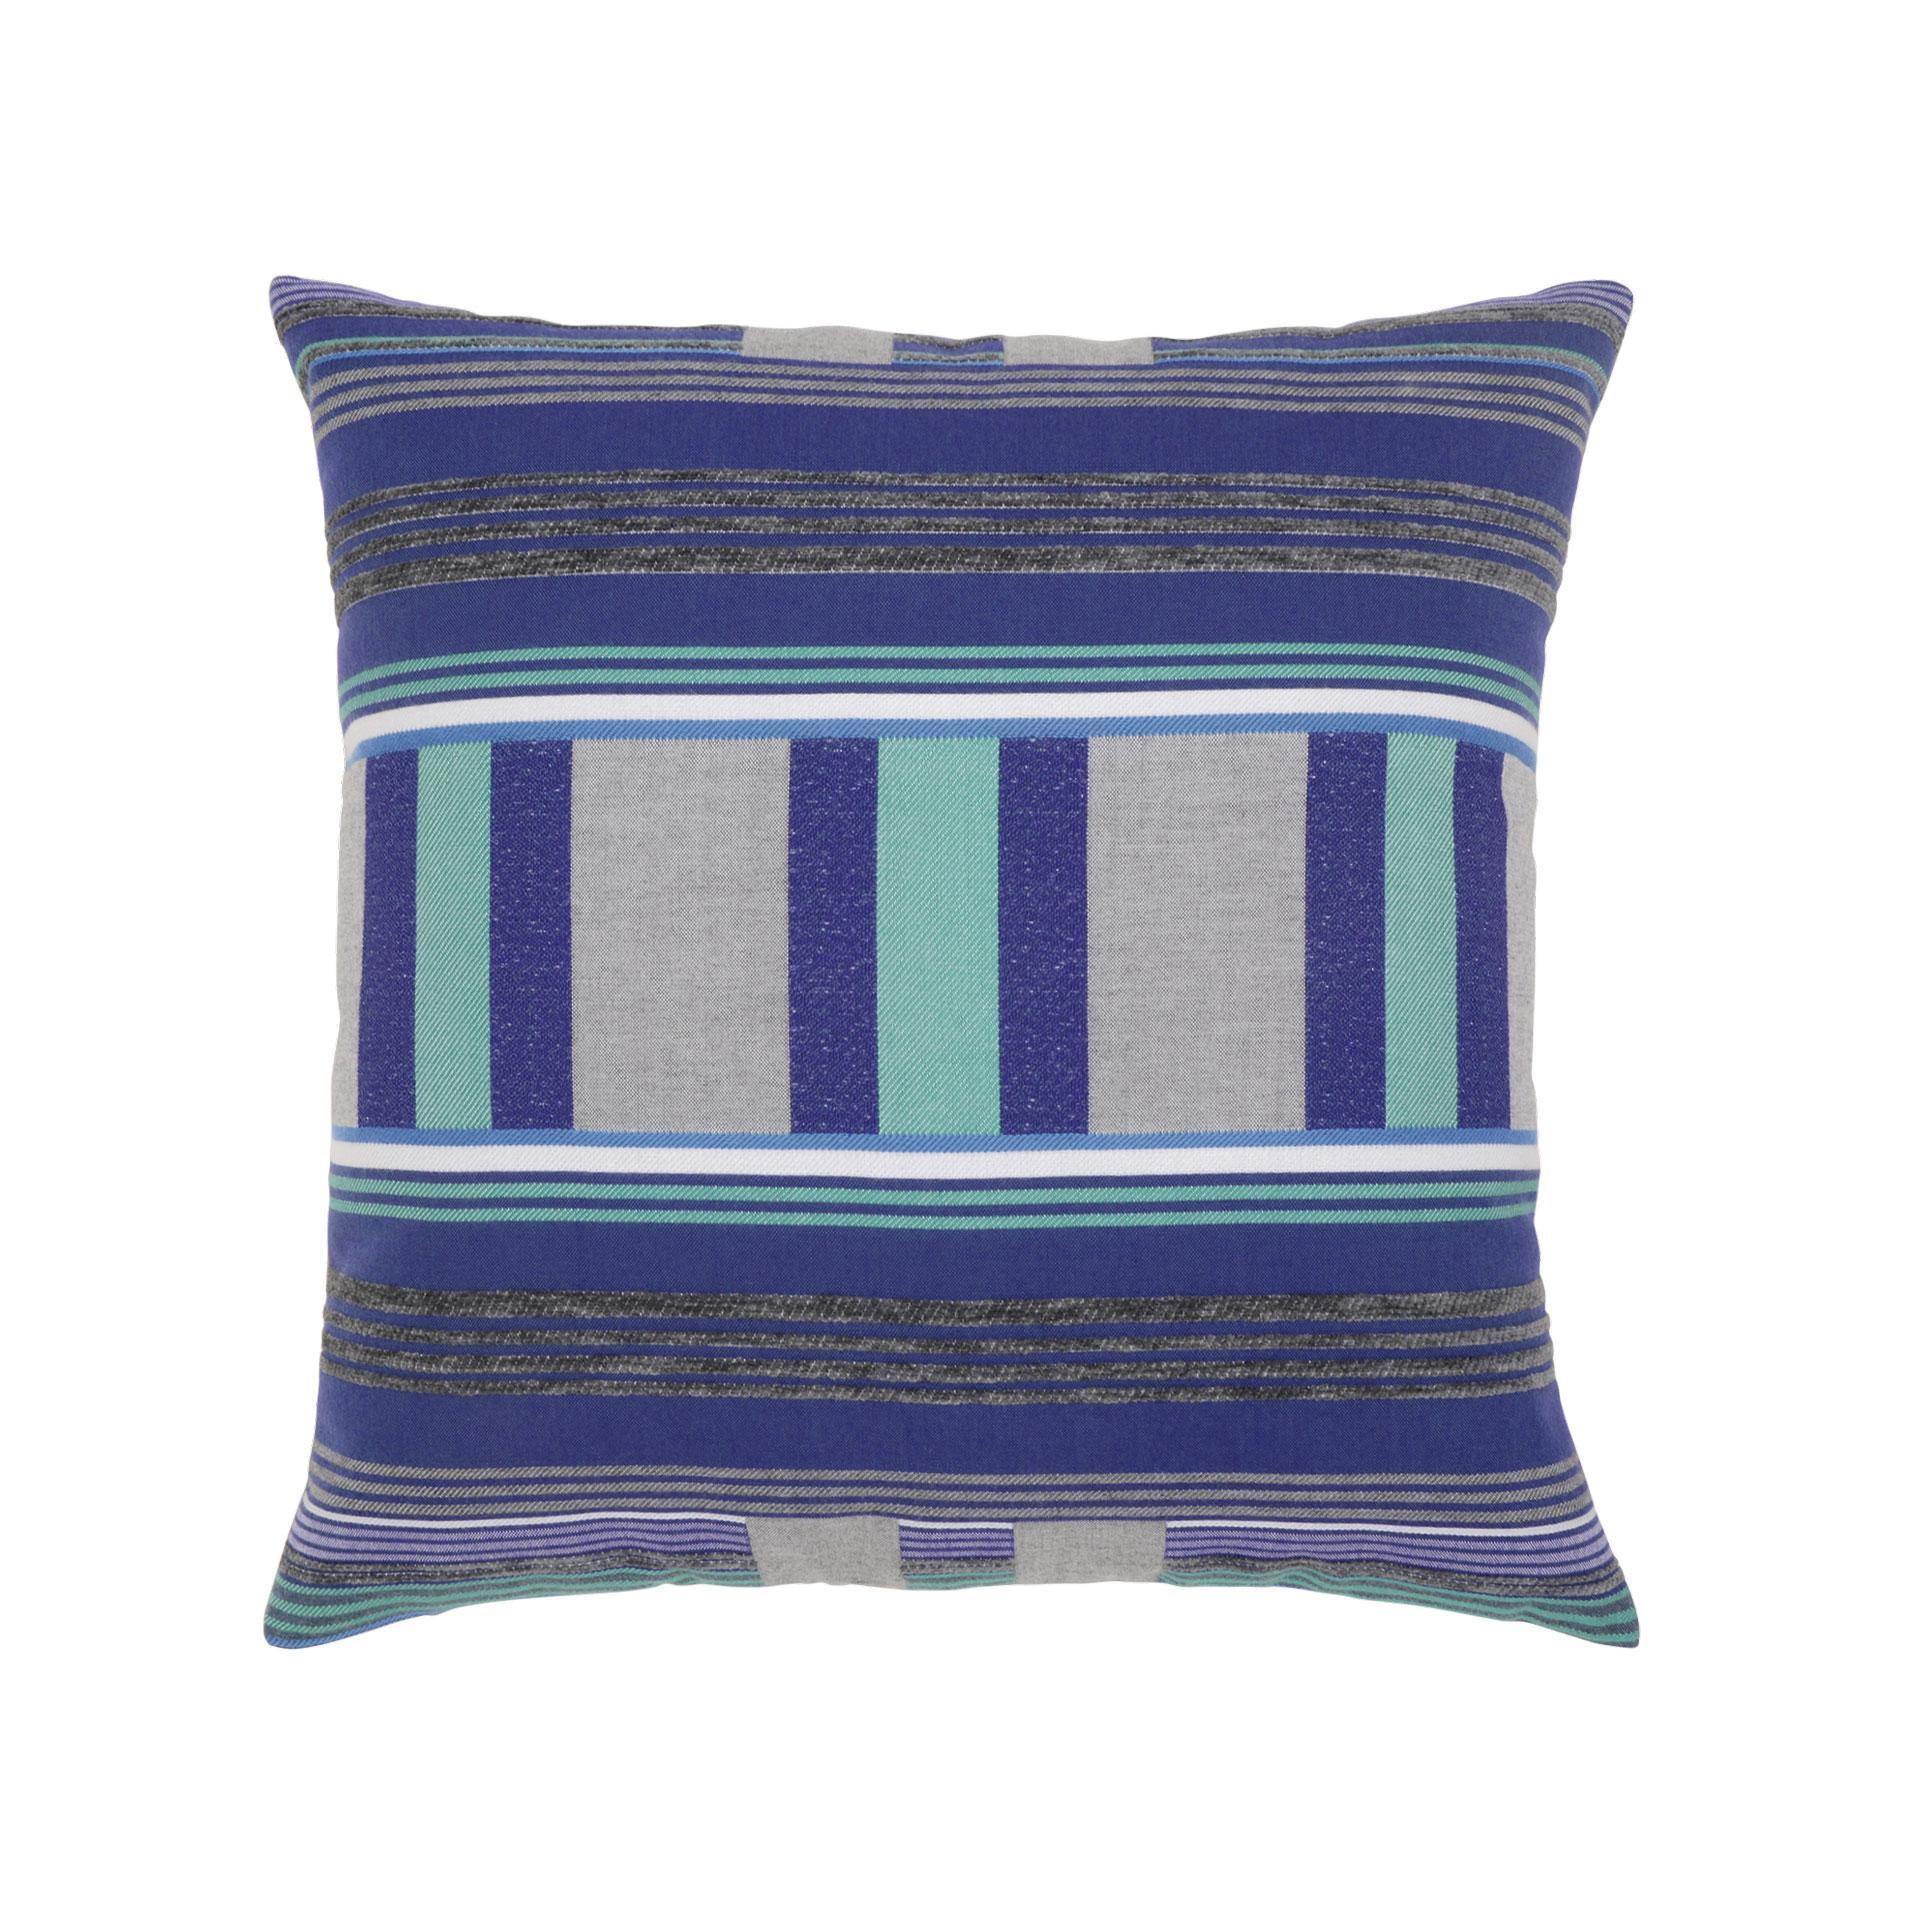 Elaine Smith Gradient Stripe Throw Pillow Leisure Living